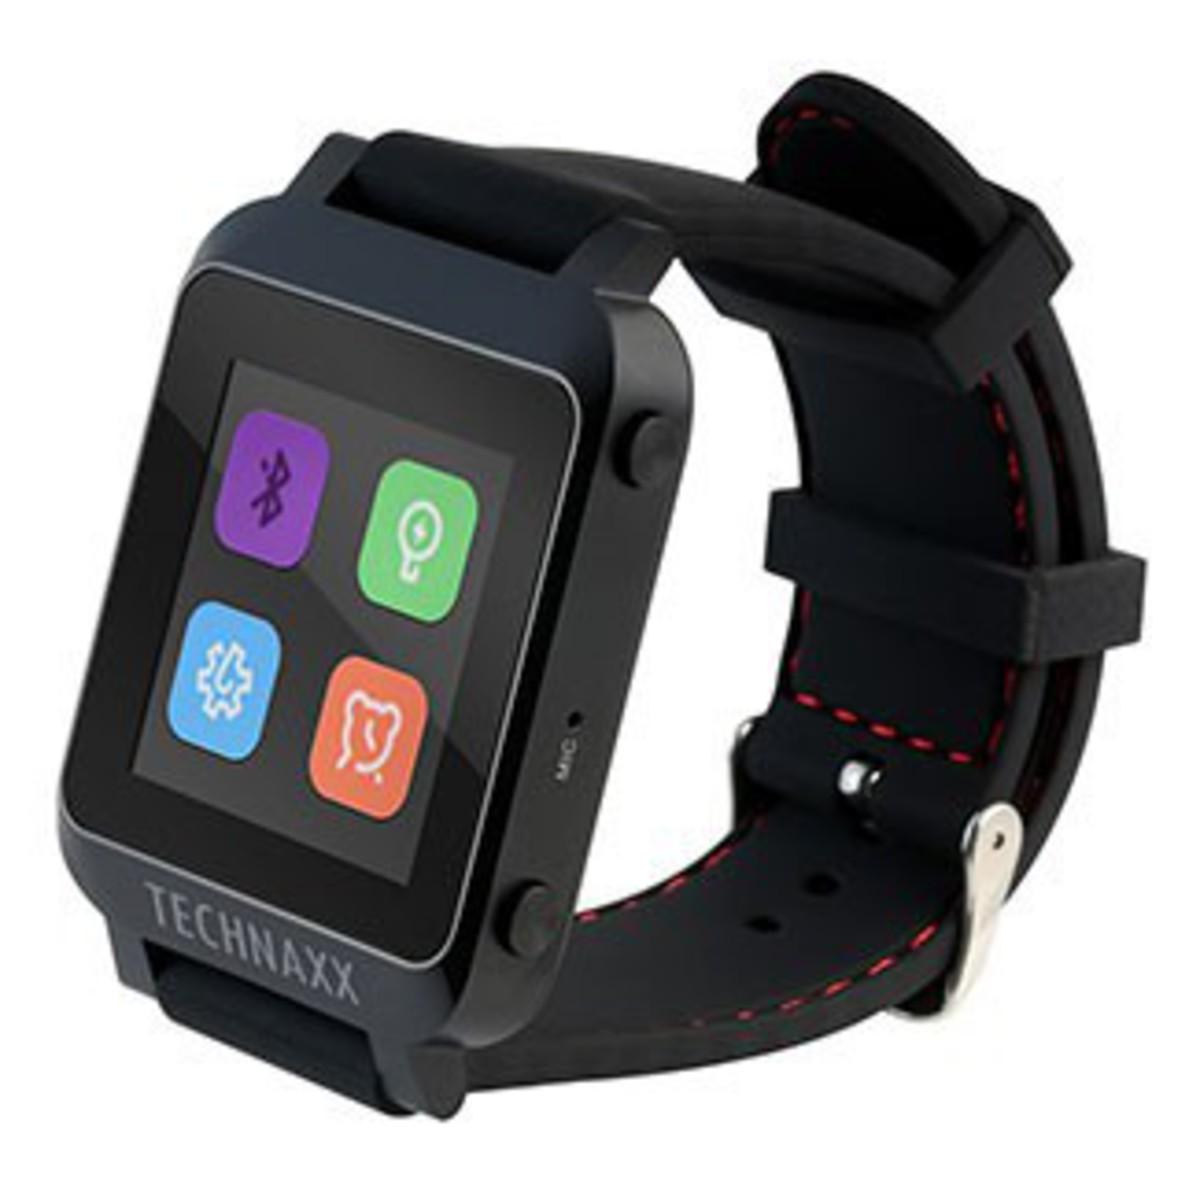 Bild 1 von Technaxx Smart Watch TX-26